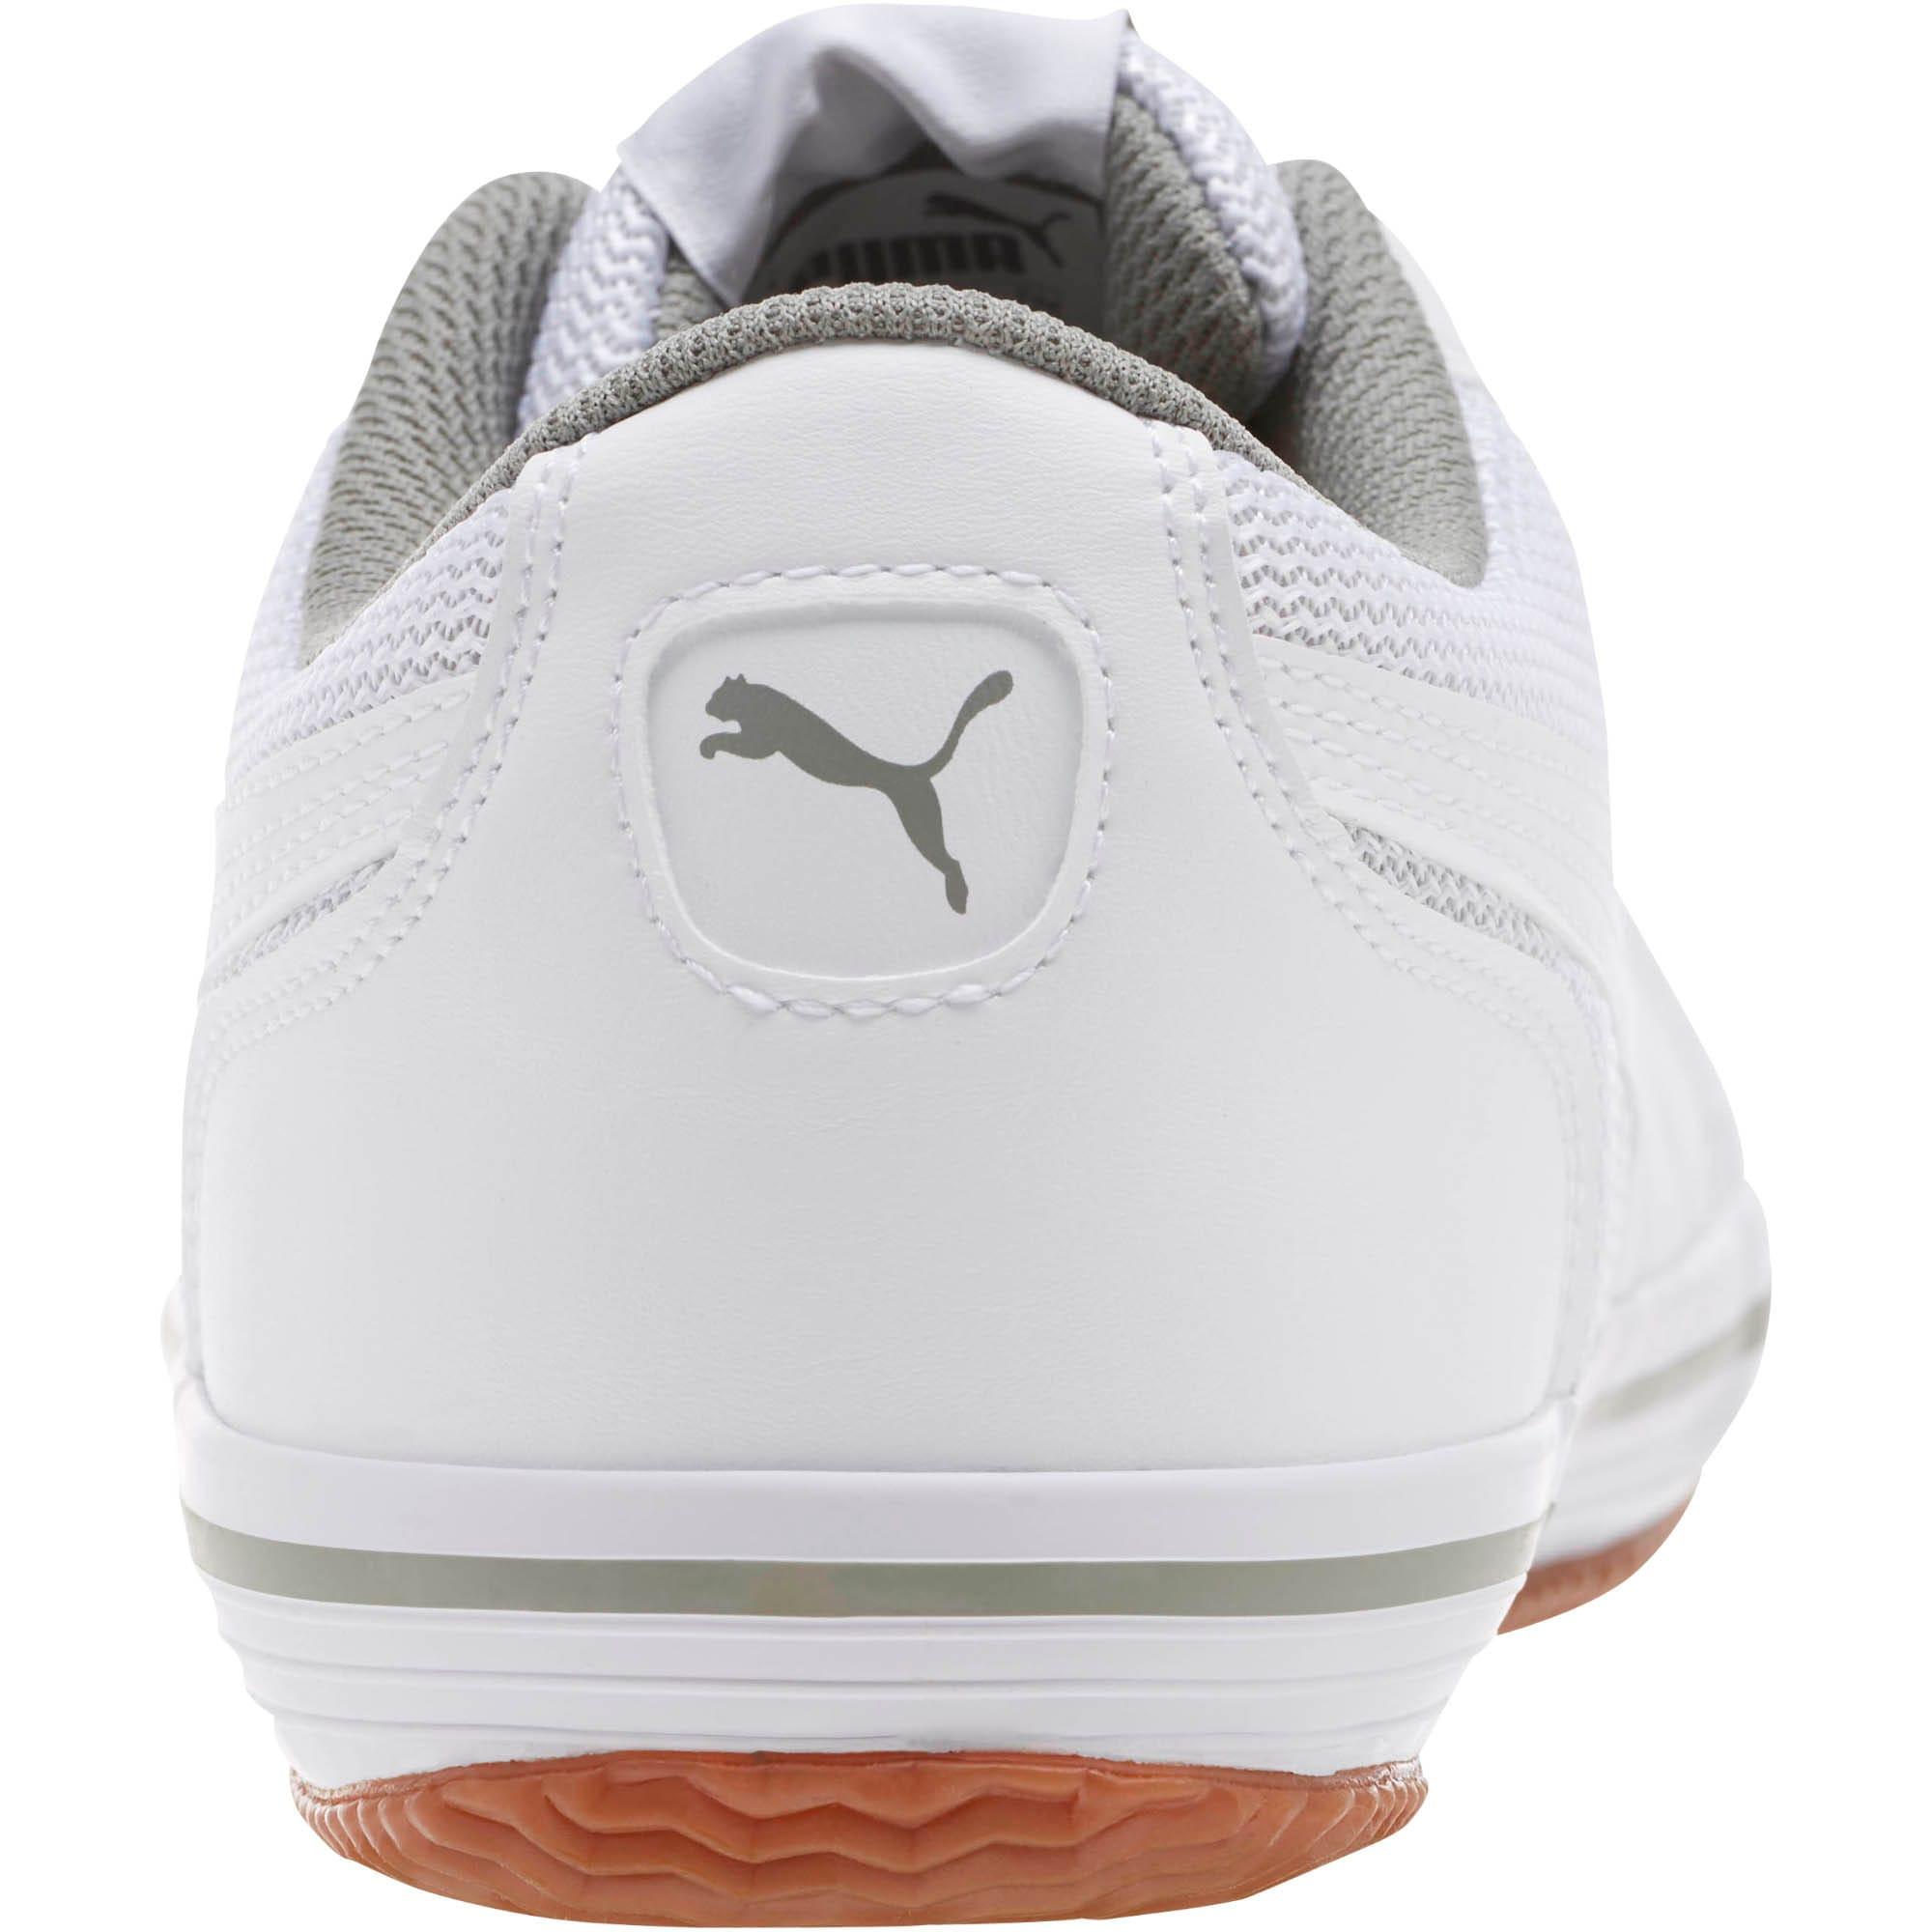 Thumbnail 4 of Astro Sala Sneakers, Puma White-Puma White, medium